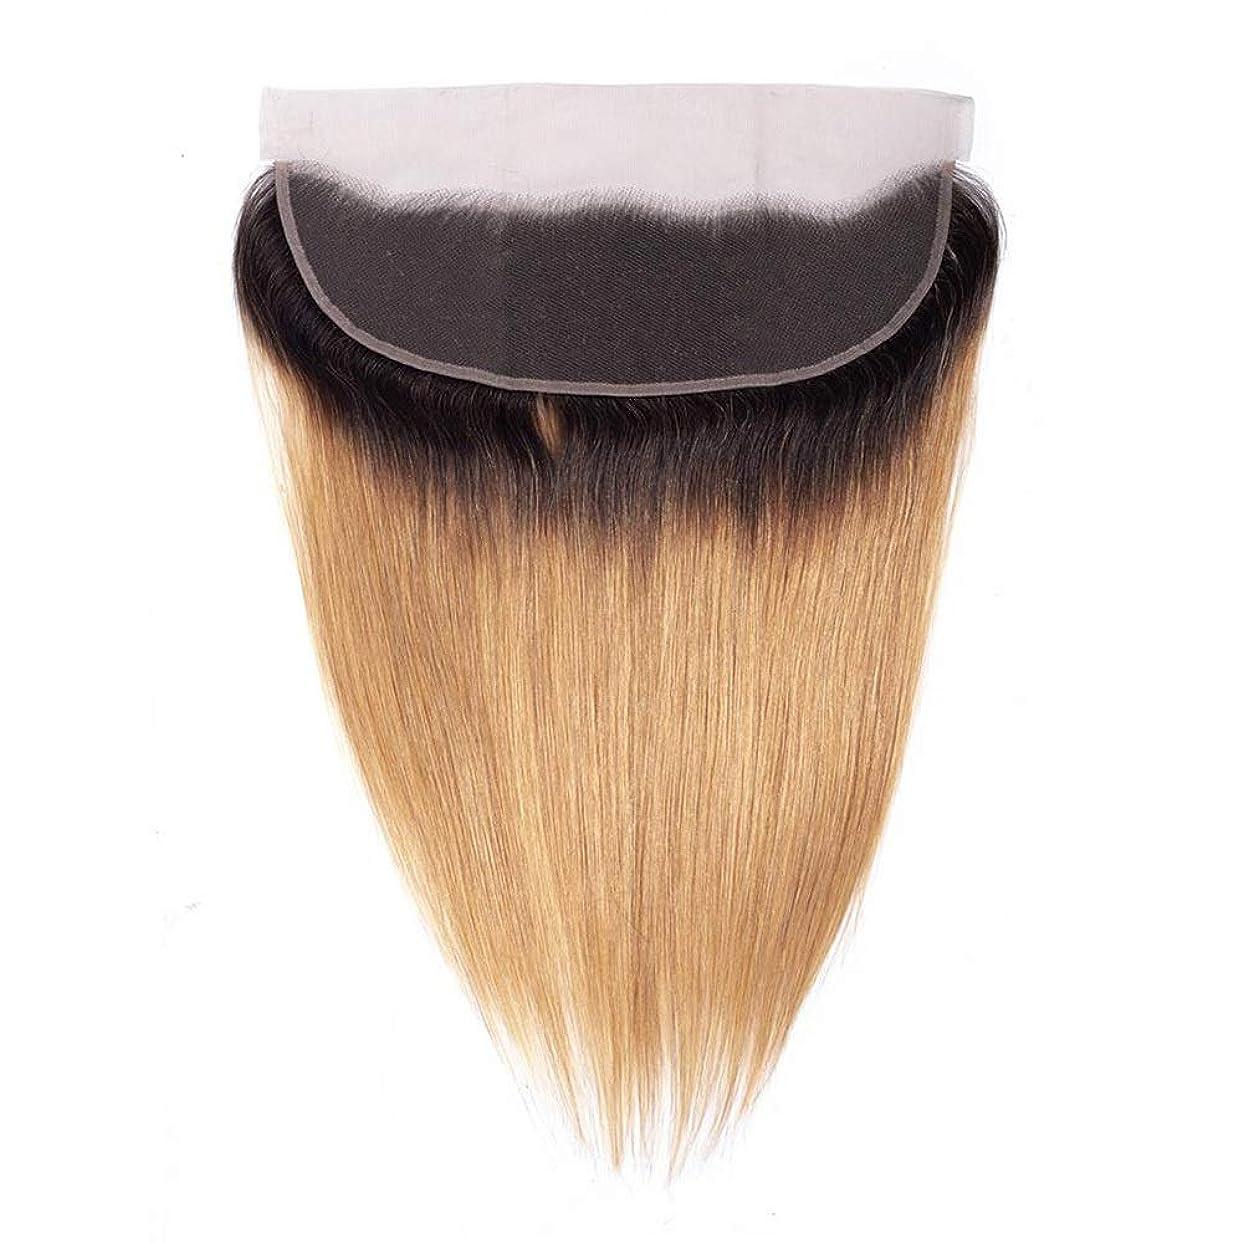 標高政治的仕様Yrattary ストレートヘア前頭耳に耳レース前頭閉鎖13 * 4閉鎖人間の髪の毛の茶色の髪の拡張子フルヘッドファッションかつらかつら (色 : ブラウン, サイズ : 12 inch)